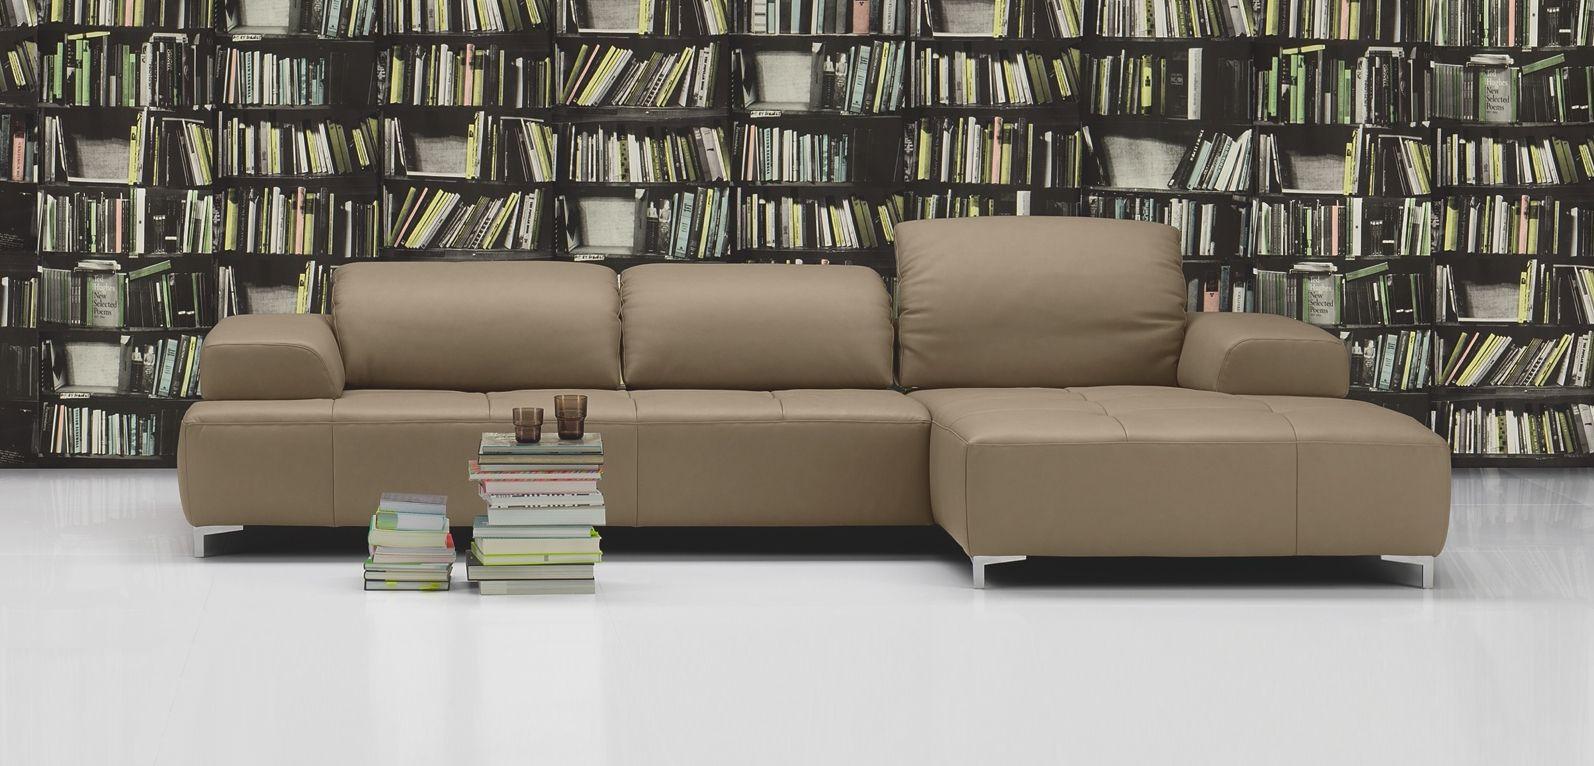 Ewald Schillig Sofa Mega Living Polstermobel Mobel Und Polster